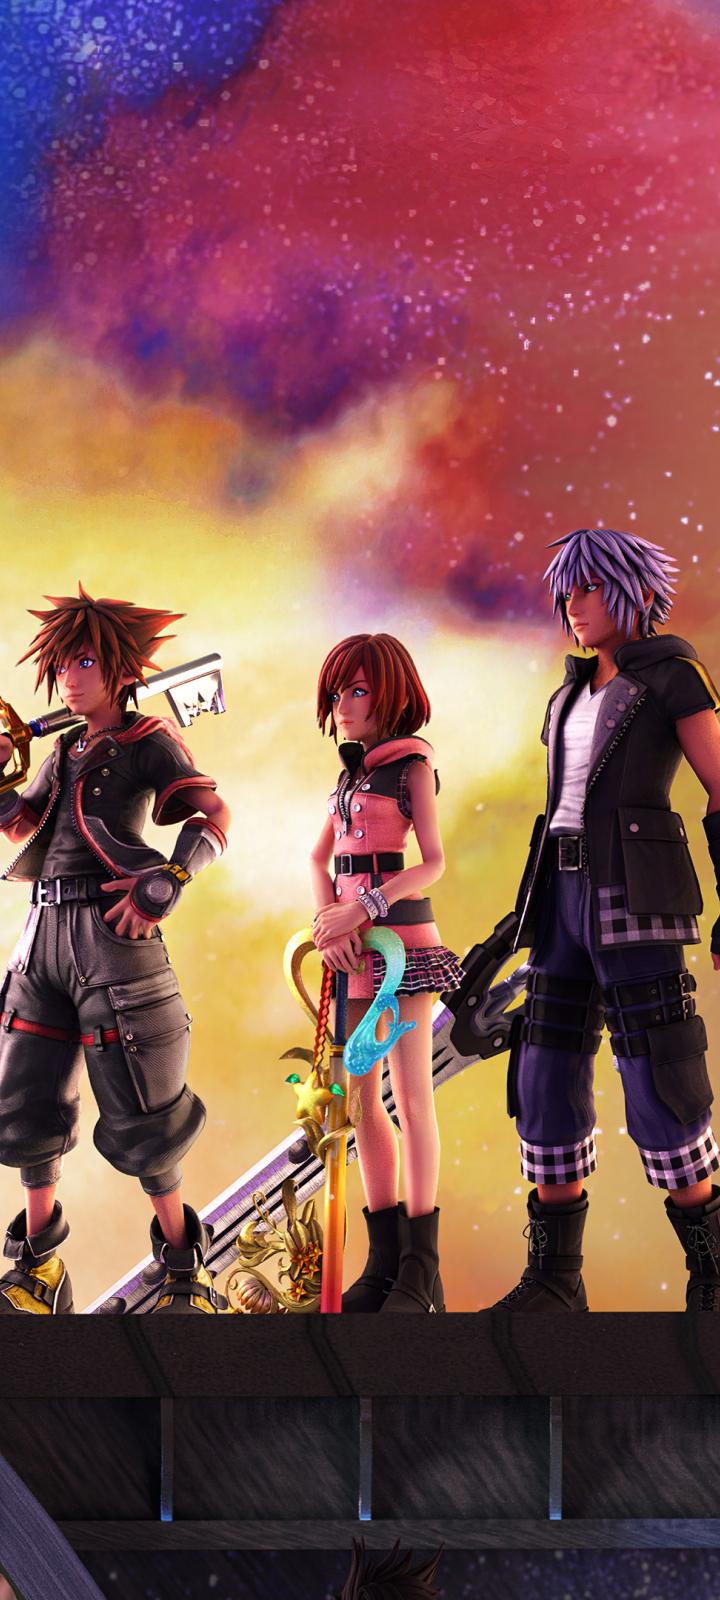 720x1600 Kingdom Hearts 3 720x1600 Resolution Wallpaper ...